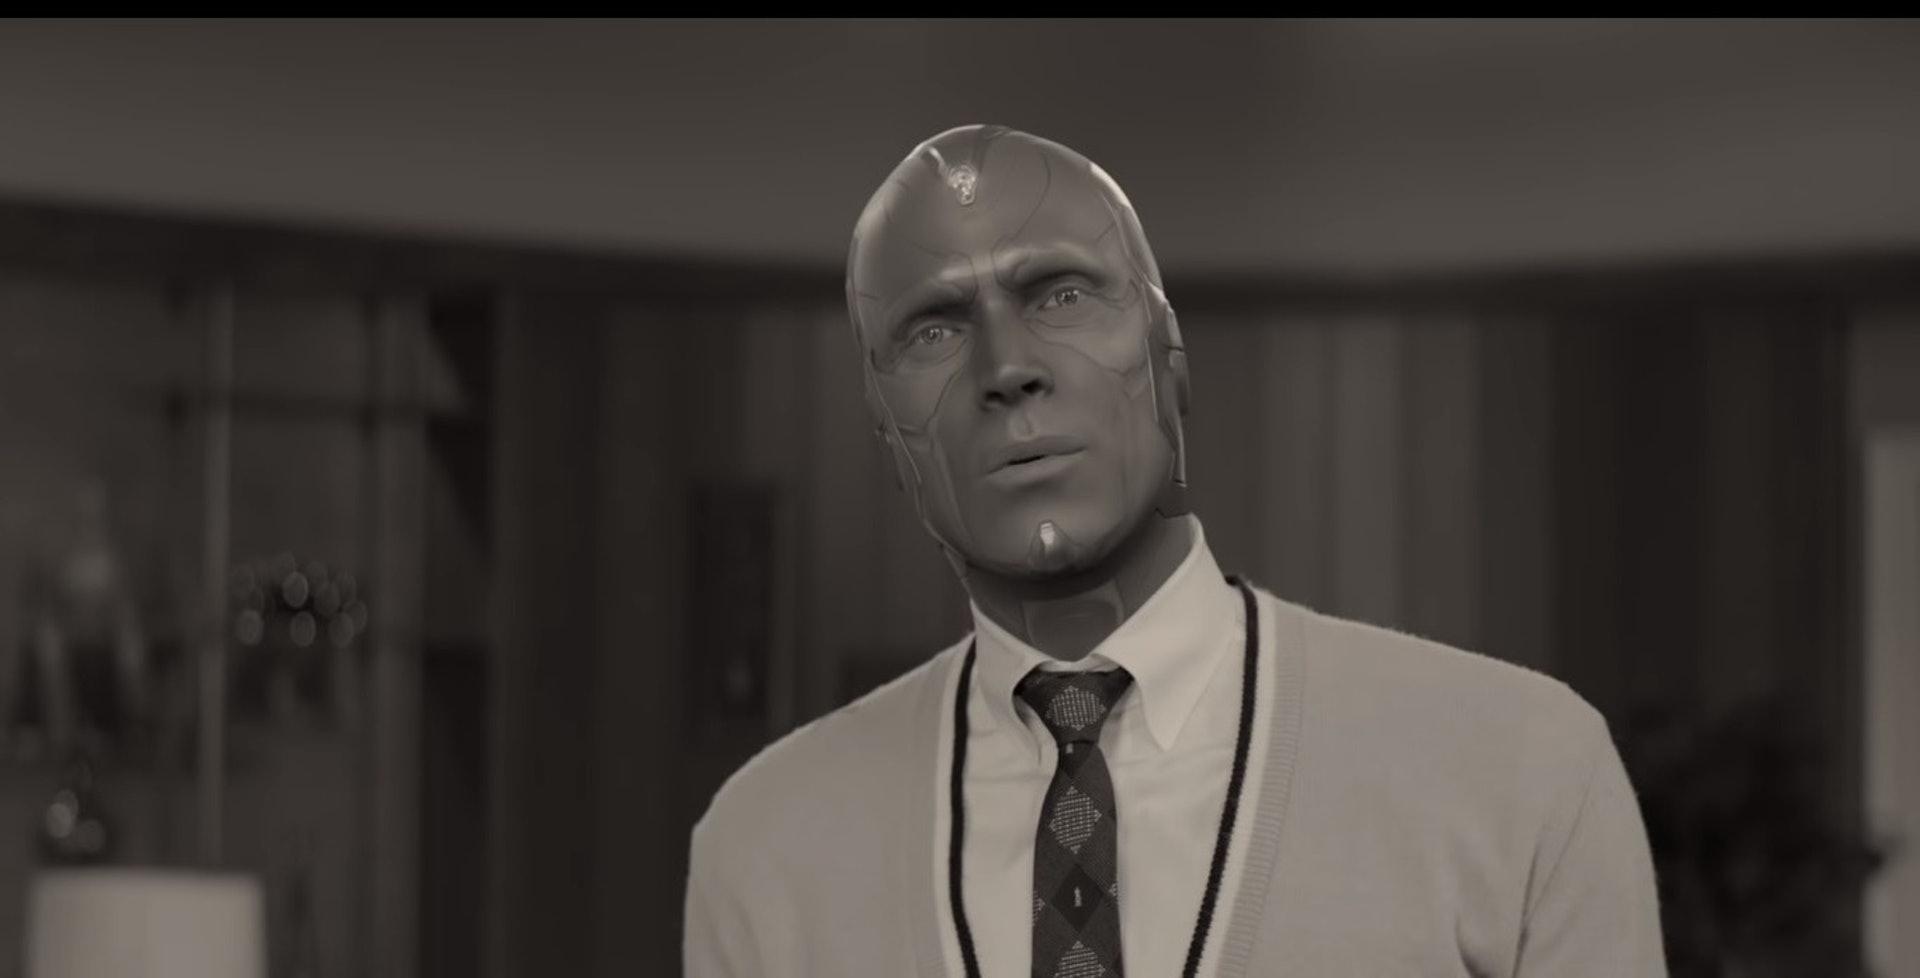 幻视在《复仇者联盟3》已经死去,究竟他是幻象还是真人呢?(《WandaVision》剧照)